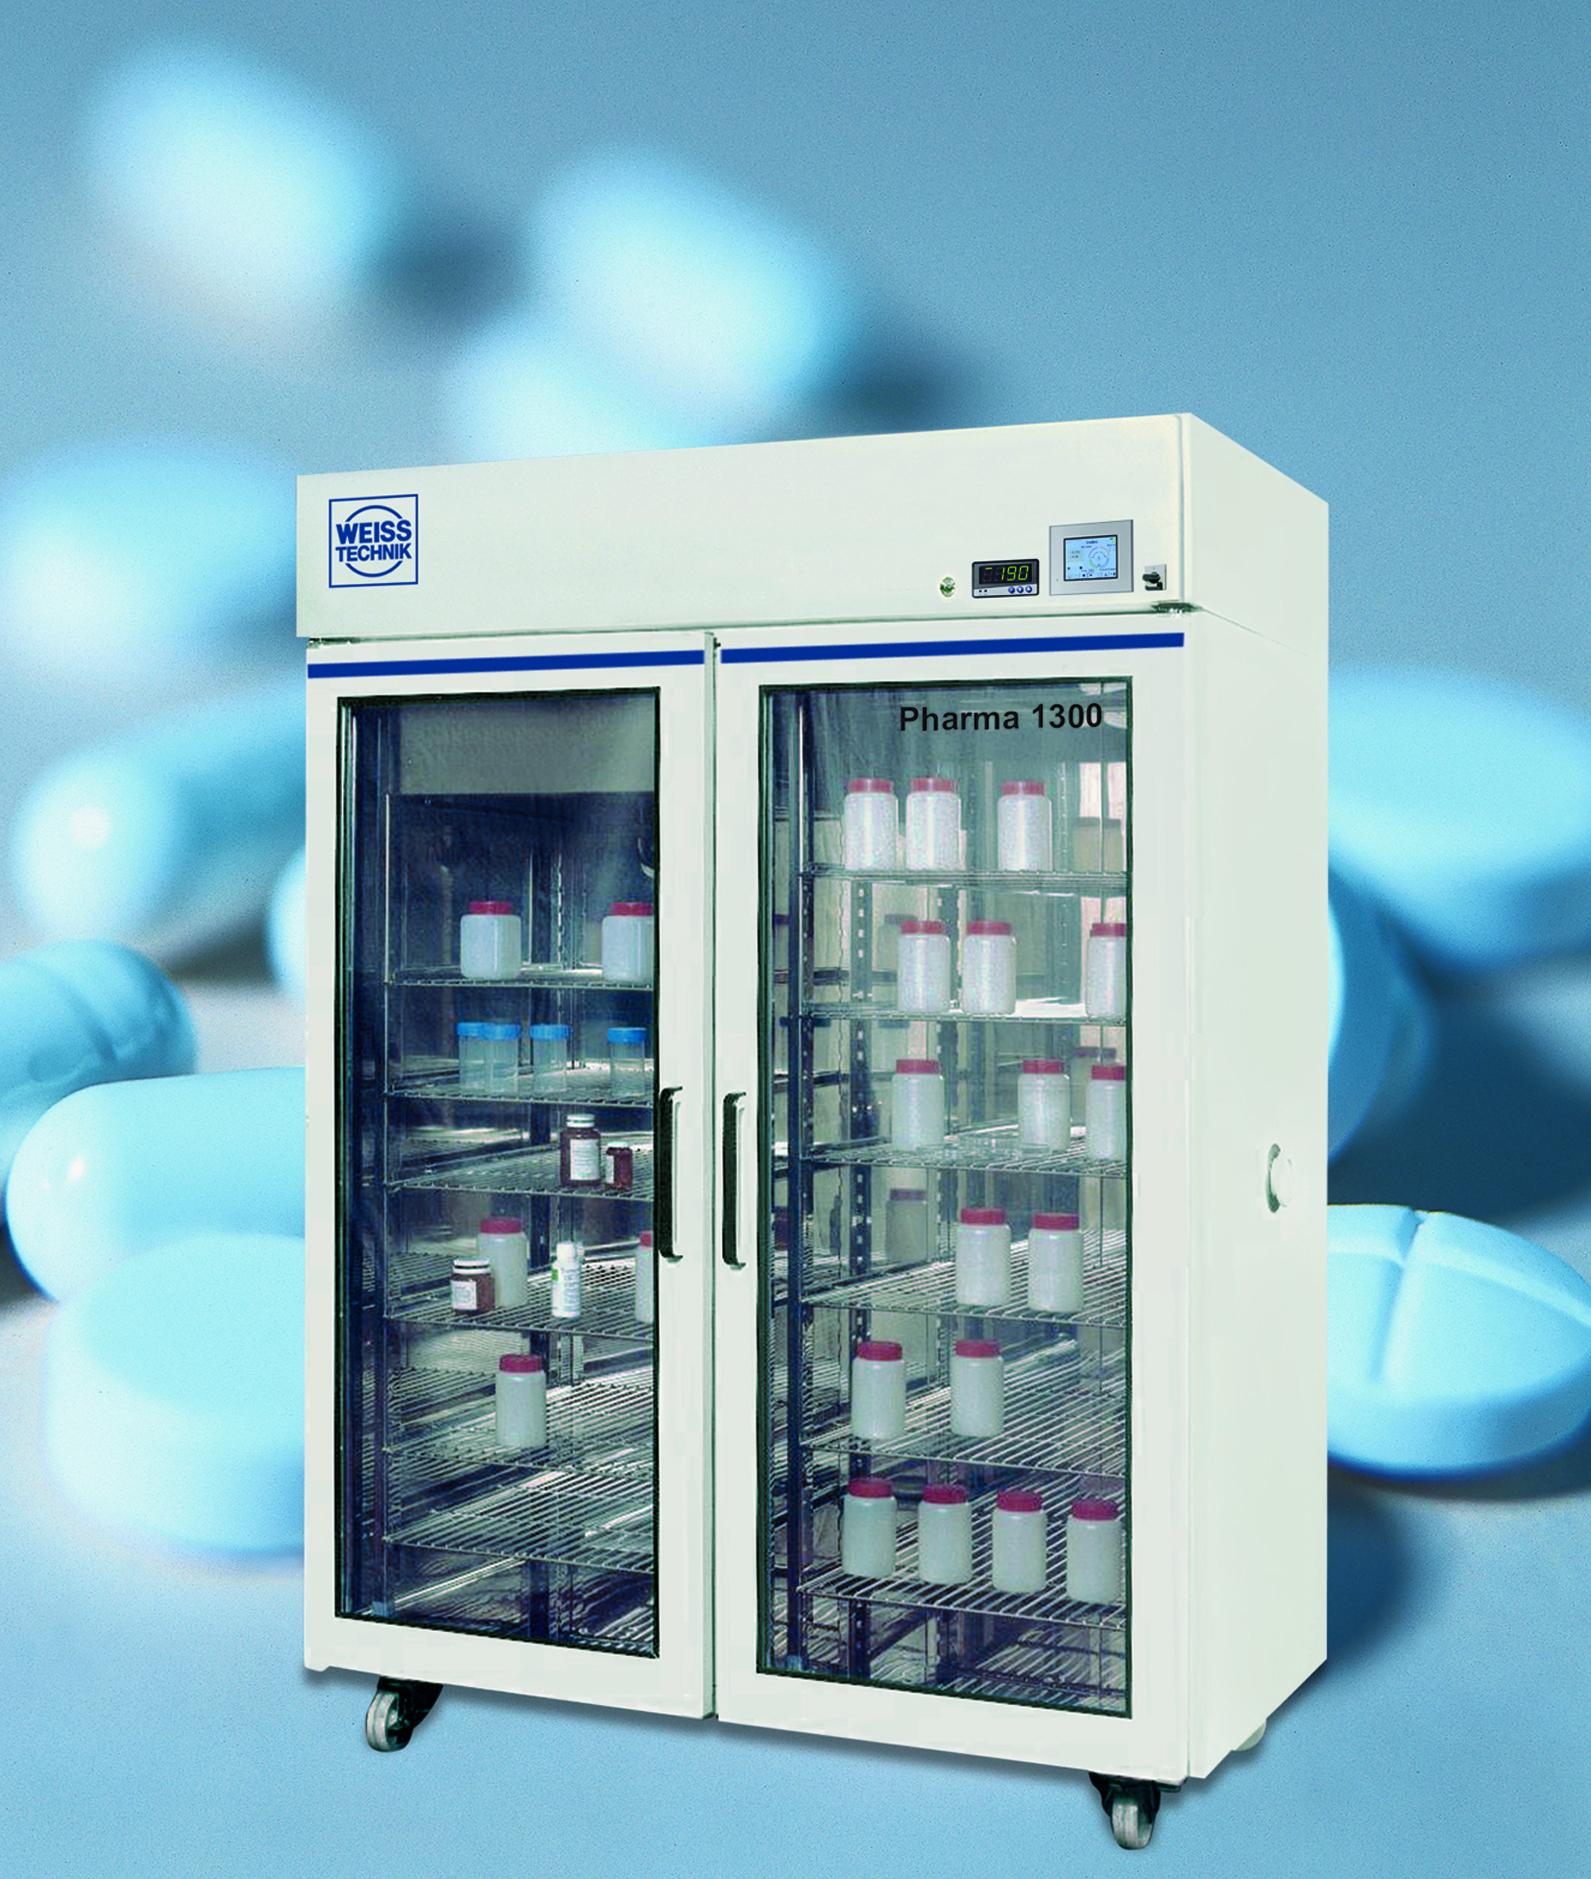 La gamme Pharma est spécialement développée pour les essais de stabilité en laboratoire dans l'indus...